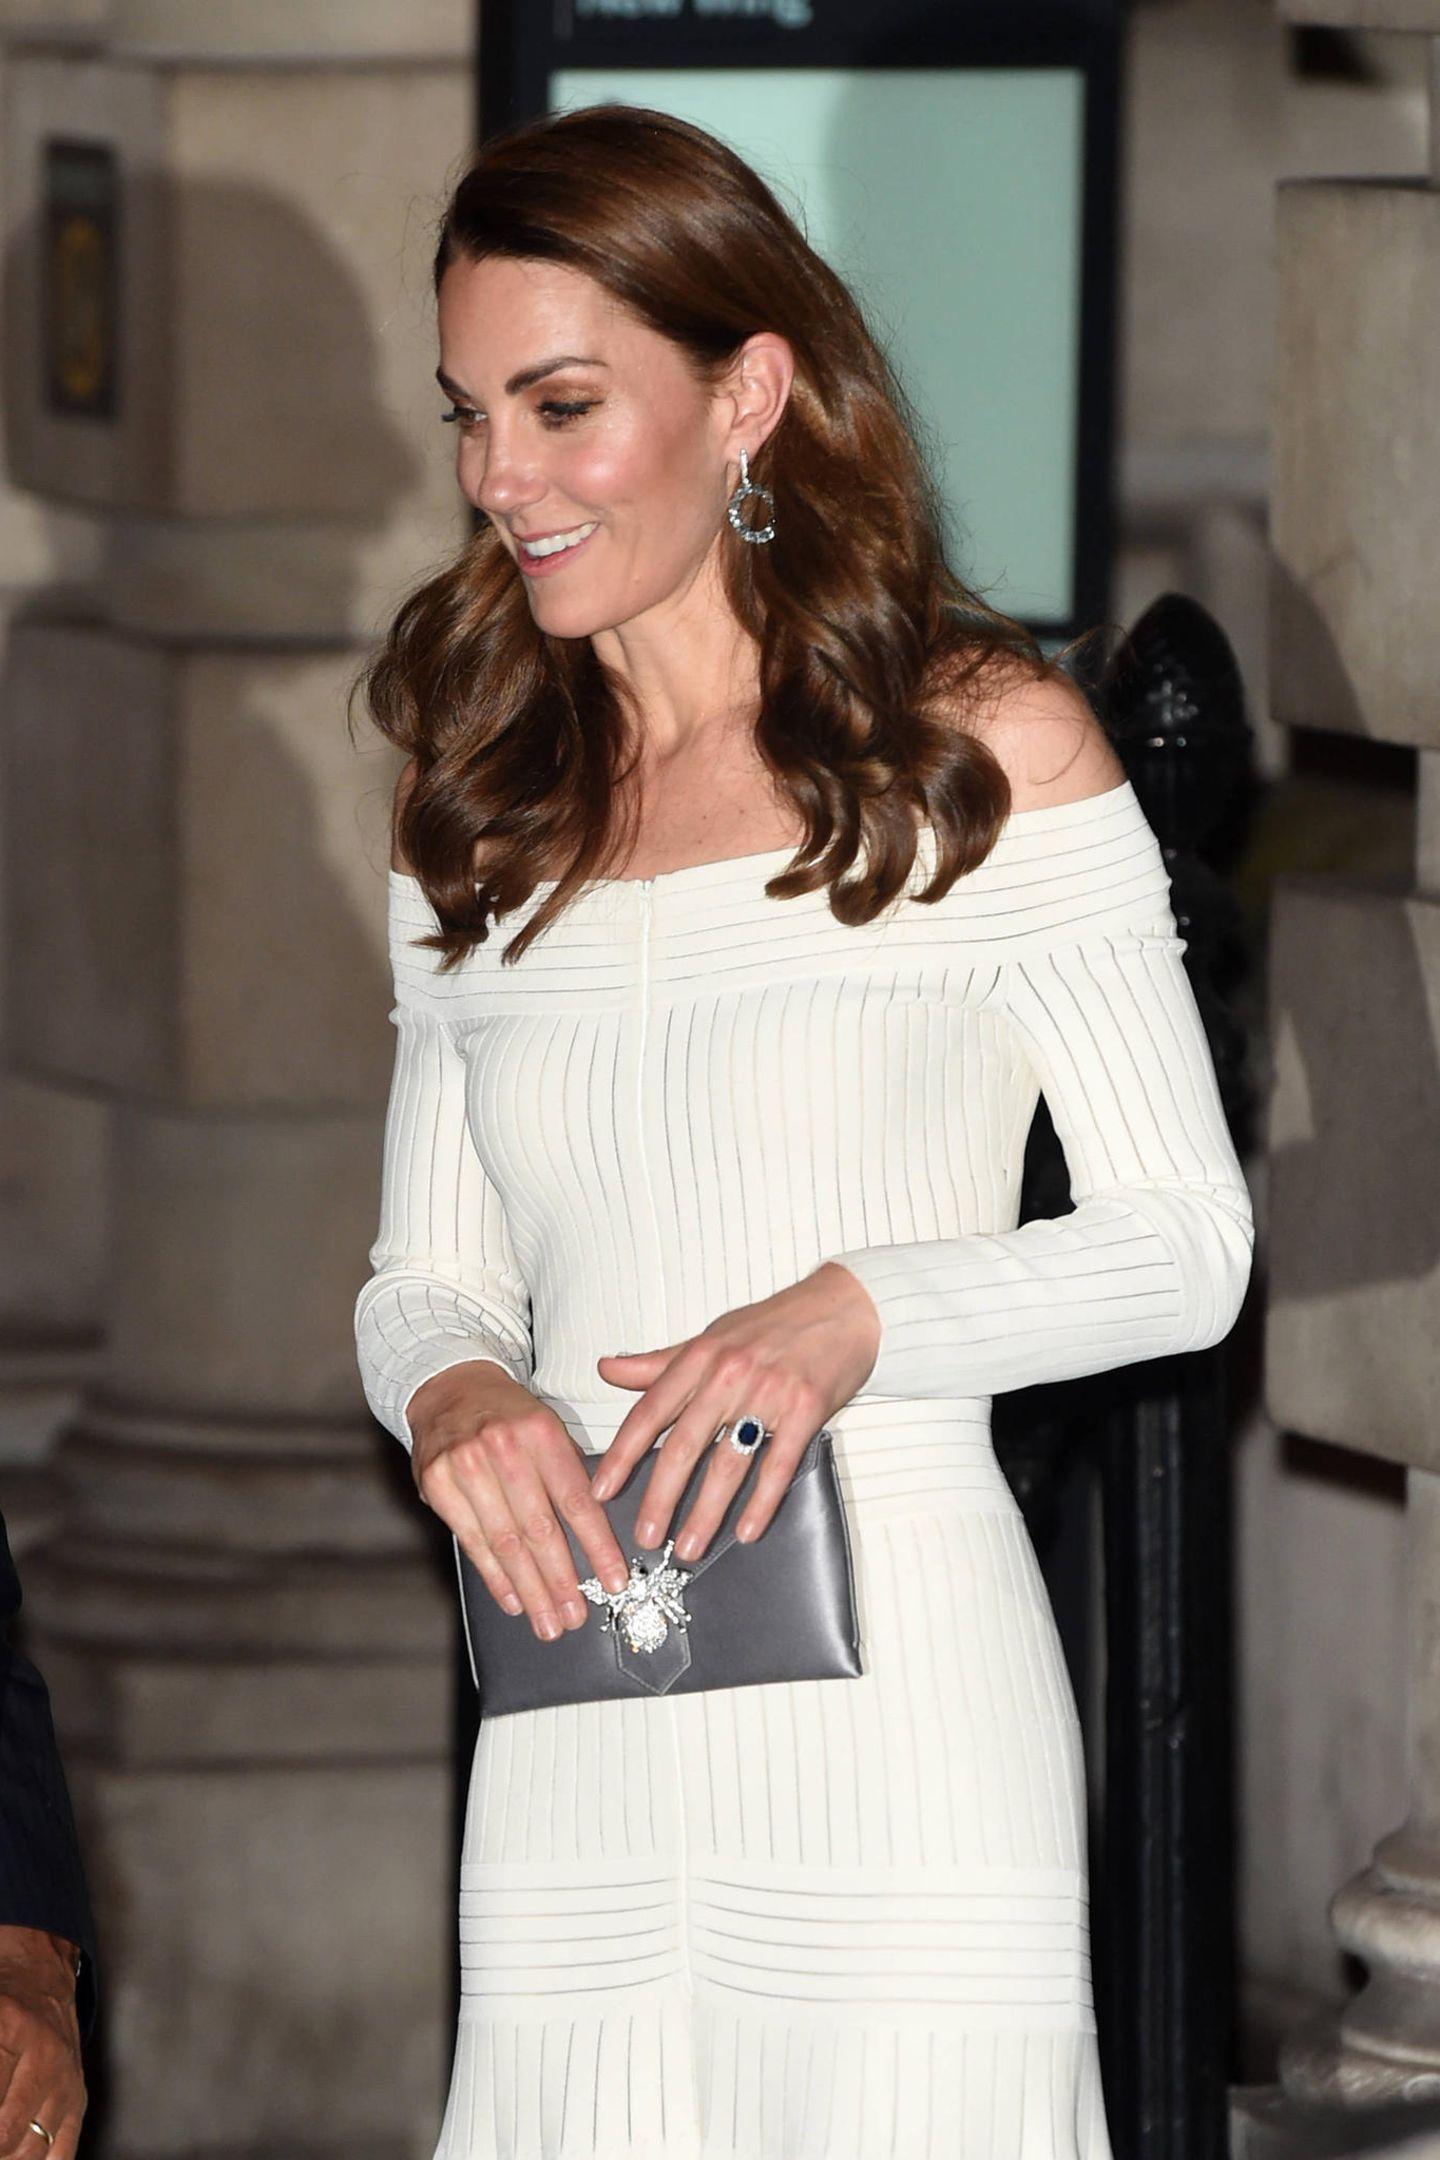 Im Juni 2019 greift Herzogin Catherine zu einem Kleid aus hellem Strick, das ganz besonders zu ihrer Frisur einfach fantastisch aussieht. Ihre dunklen Wellen stehen in einem herrlichen Kontrast zu dem Stoff und liegen locker auf ihren freien Schultern auf.